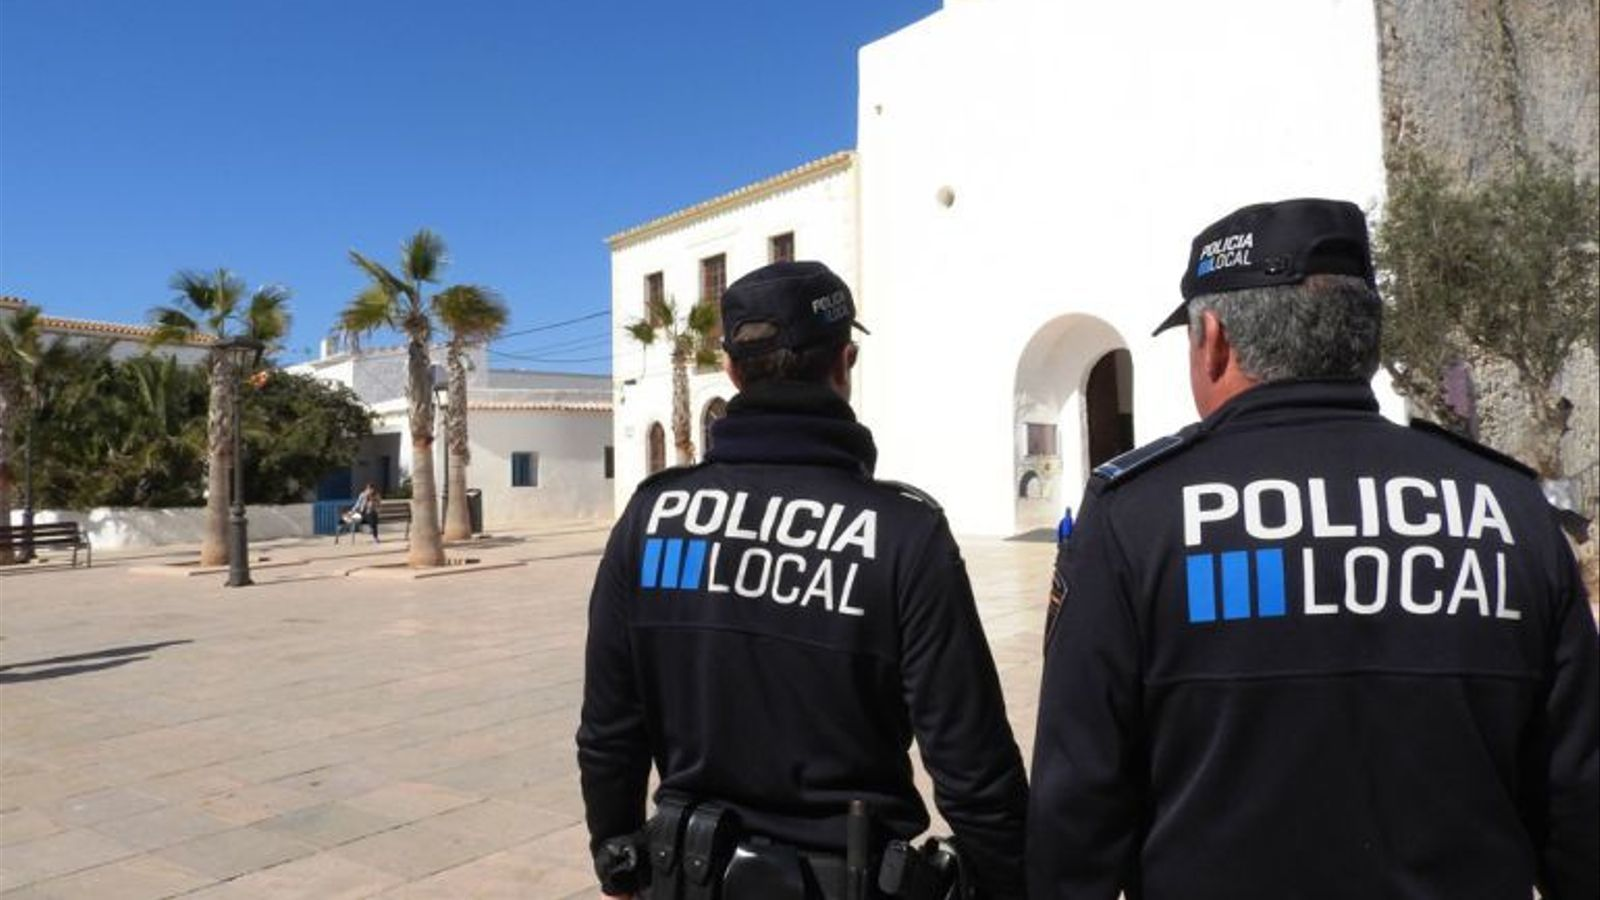 Policia Local a la Plaça de la Constitució de Sant Francesc